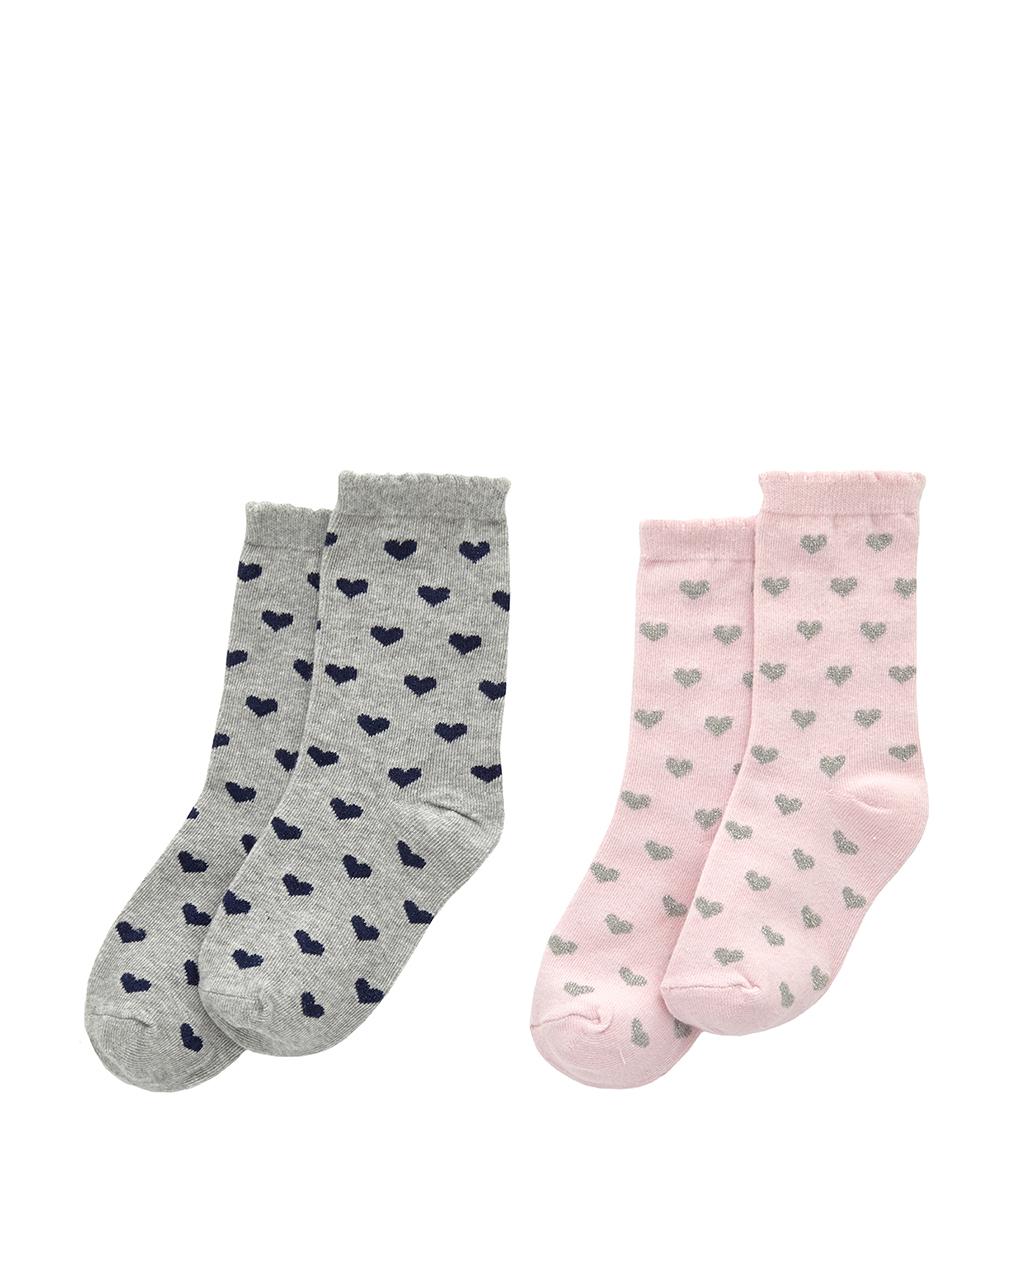 Κάλτσες Πακέτο x2 με Καρδούλες για Κορίτσι